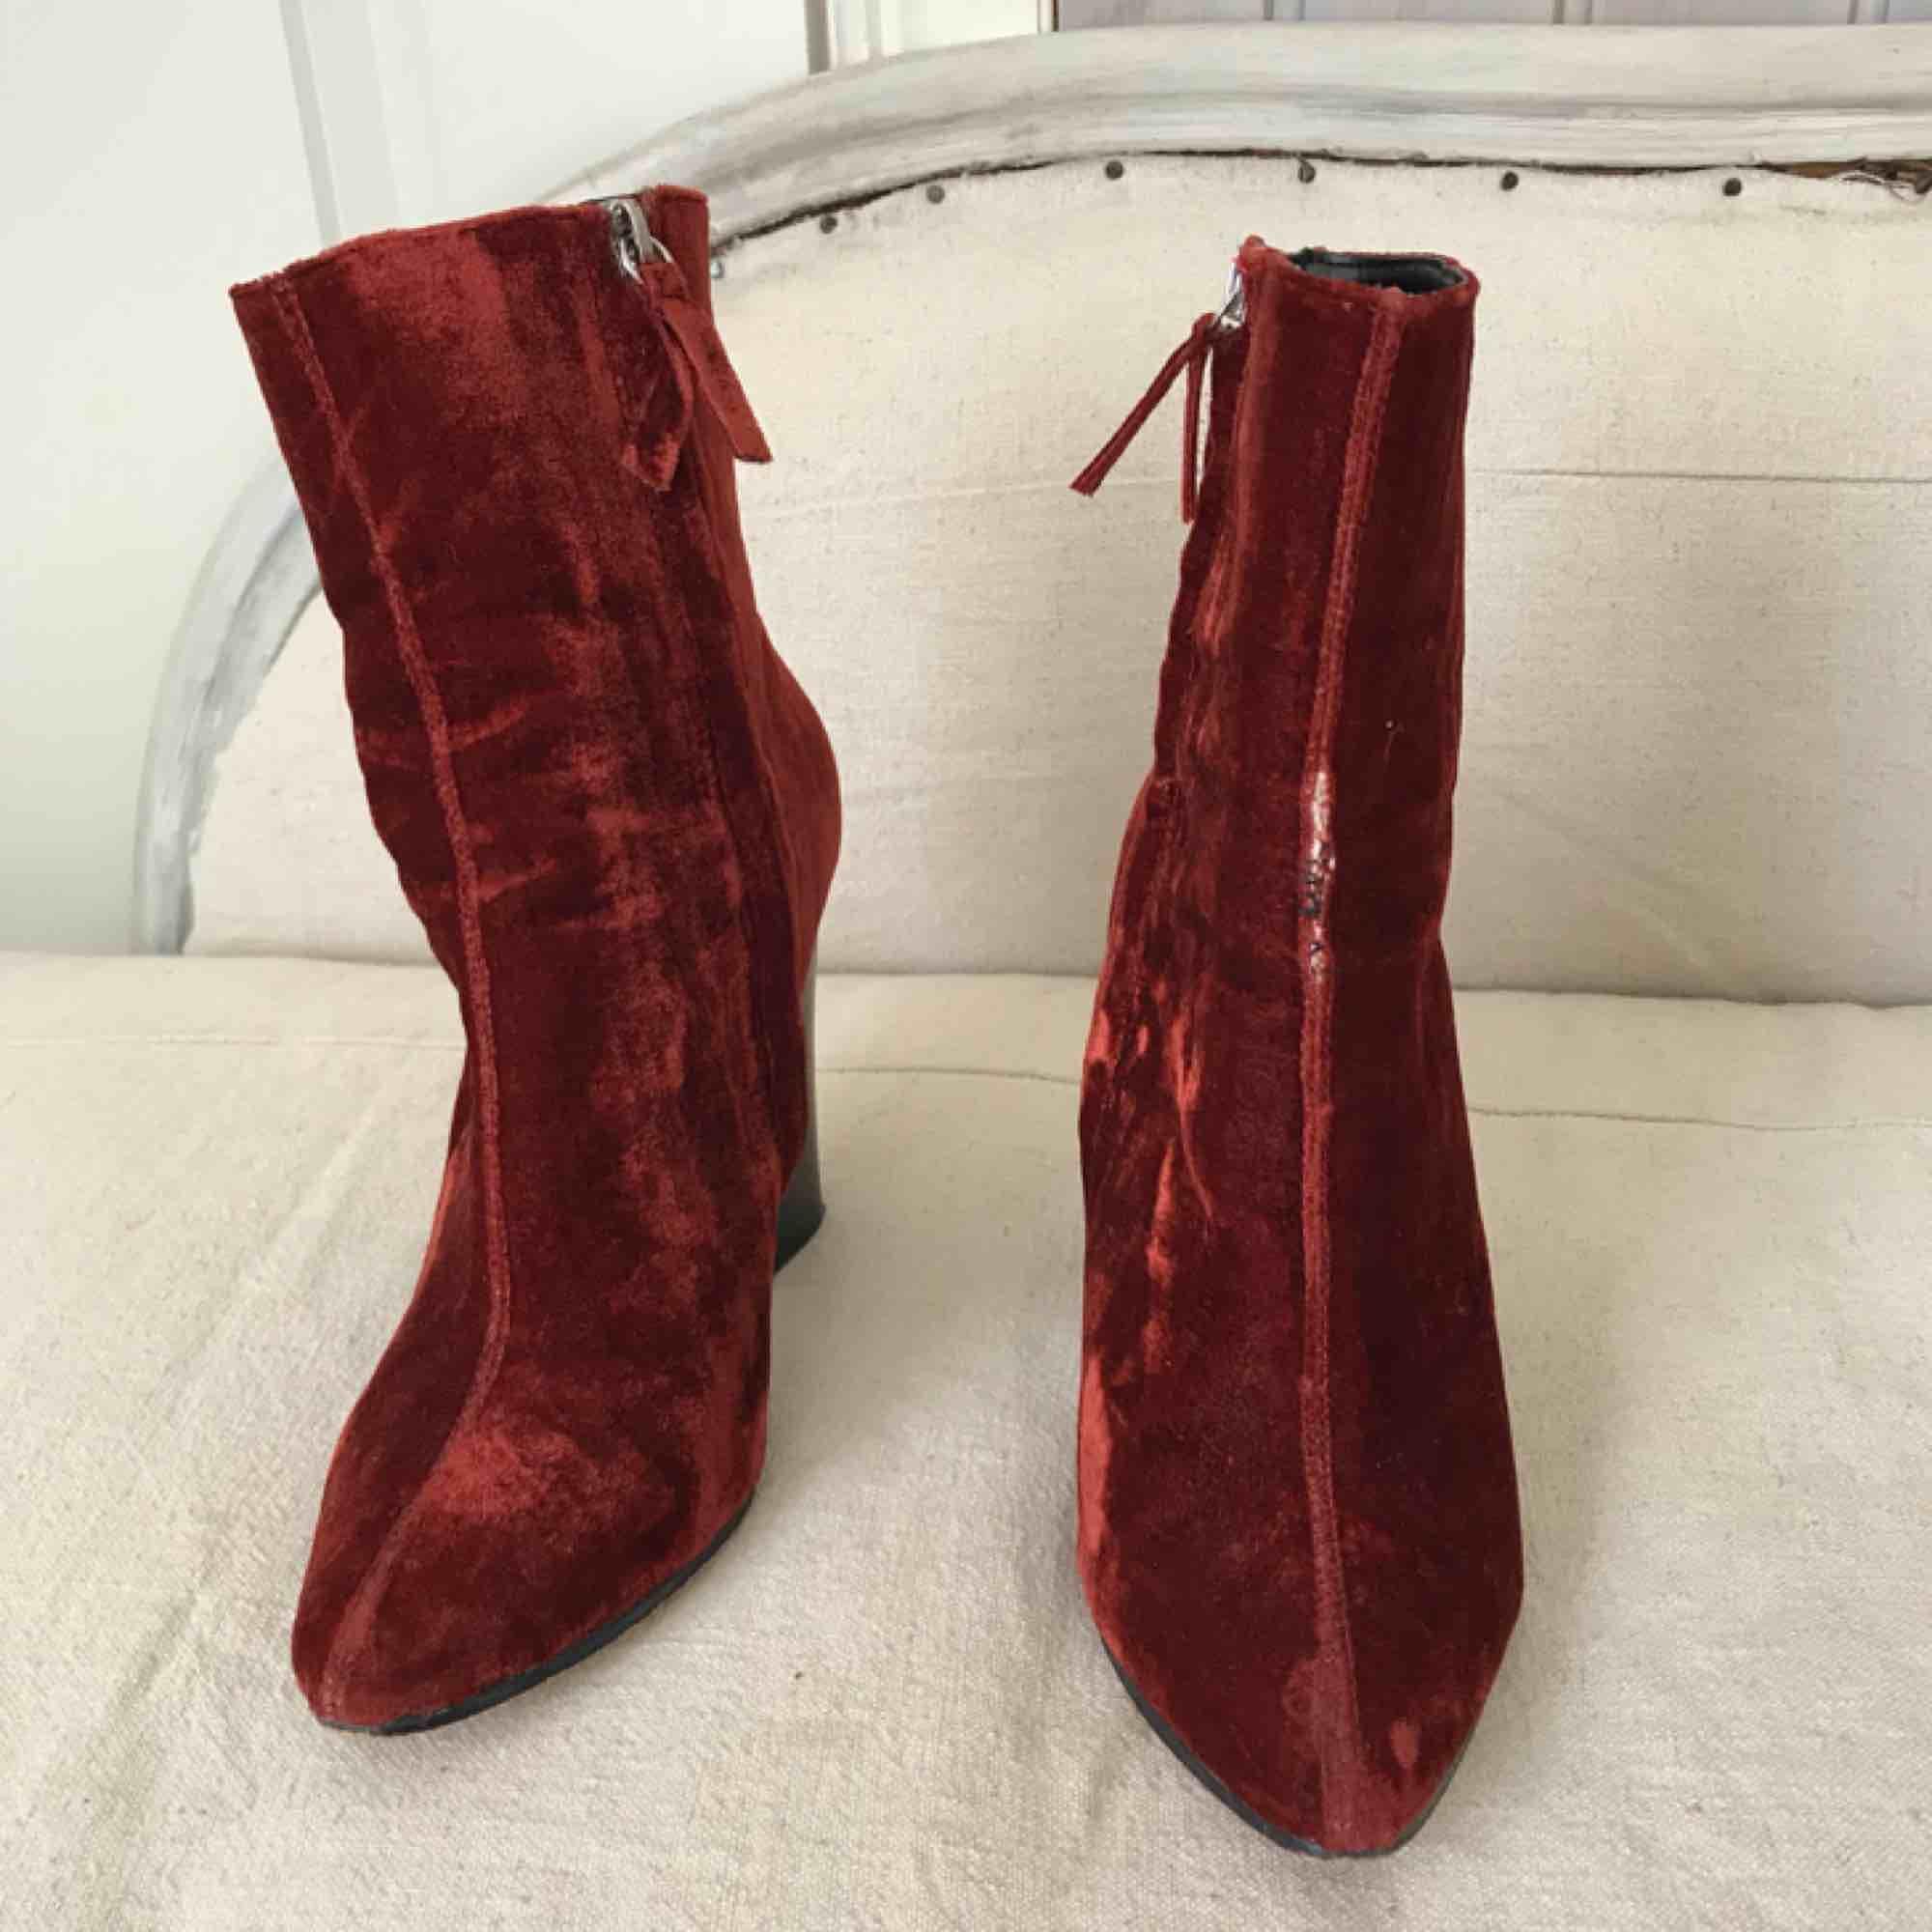 Coola och sköna klackar i sammet burgundy från Zara. I använt skick 47f738422315a